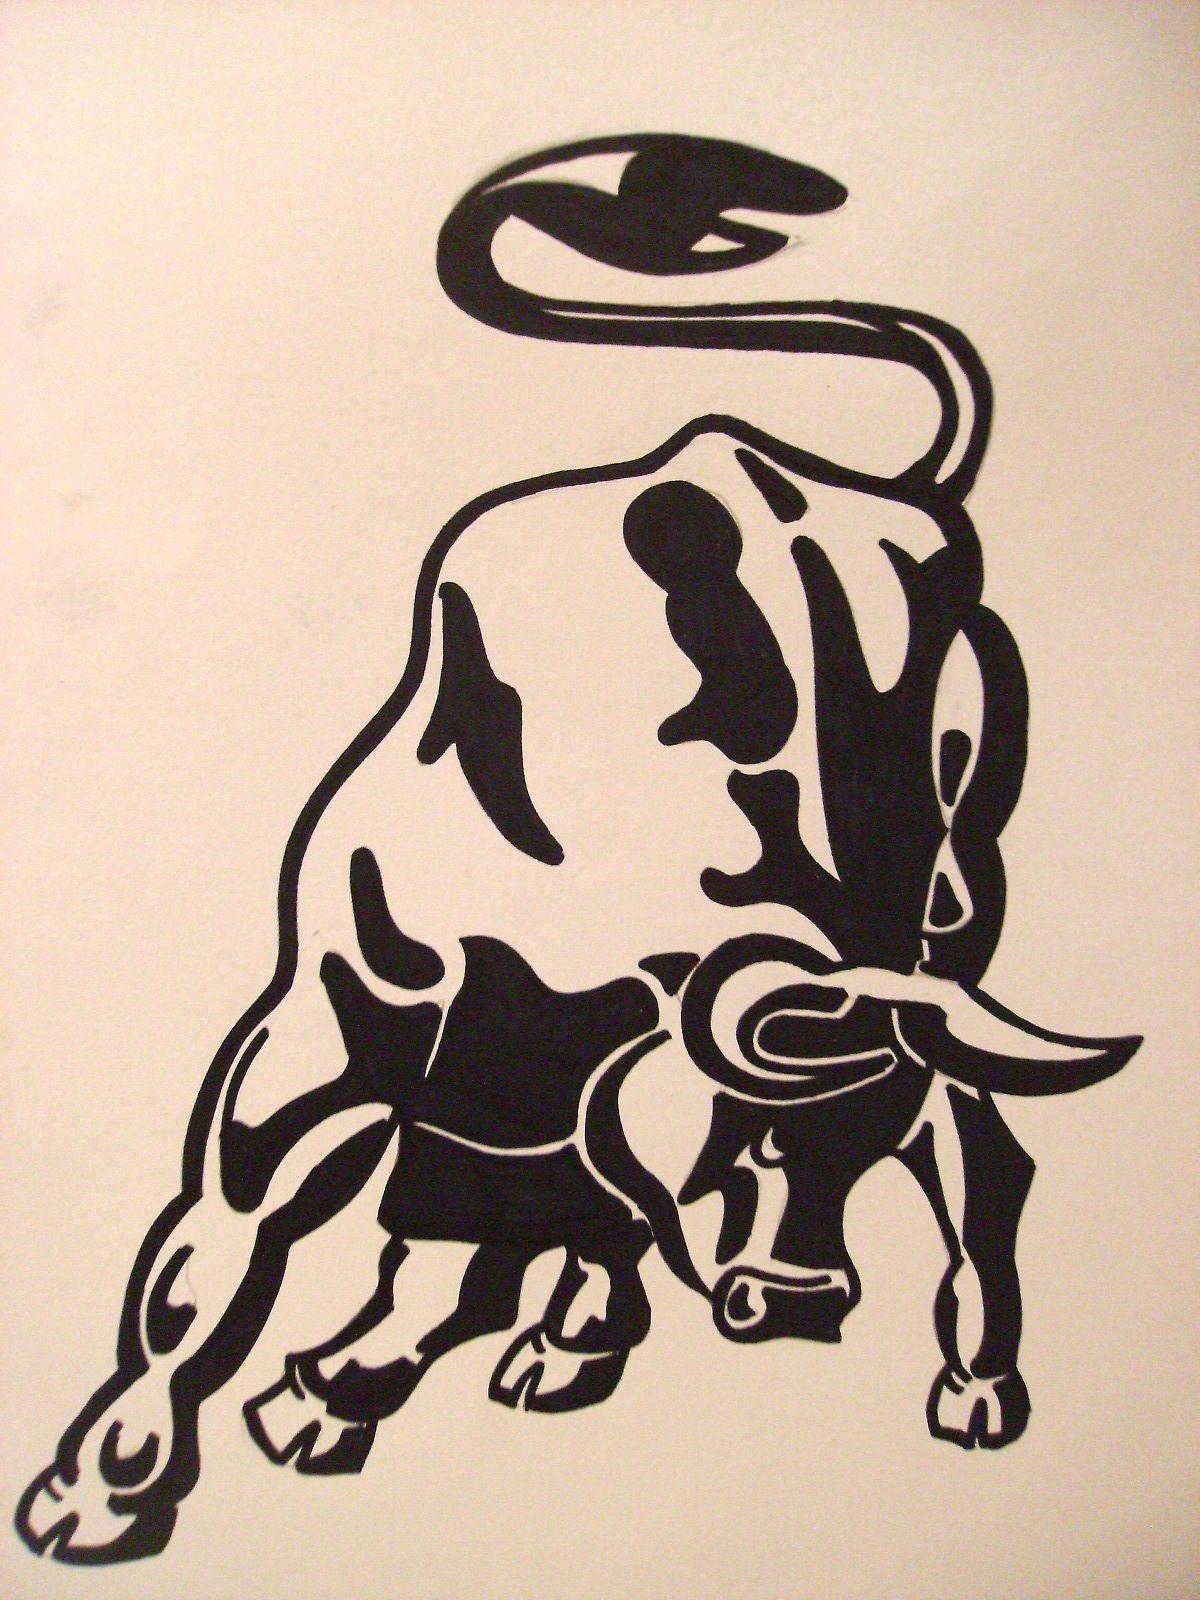 lamborghini enbart symbol